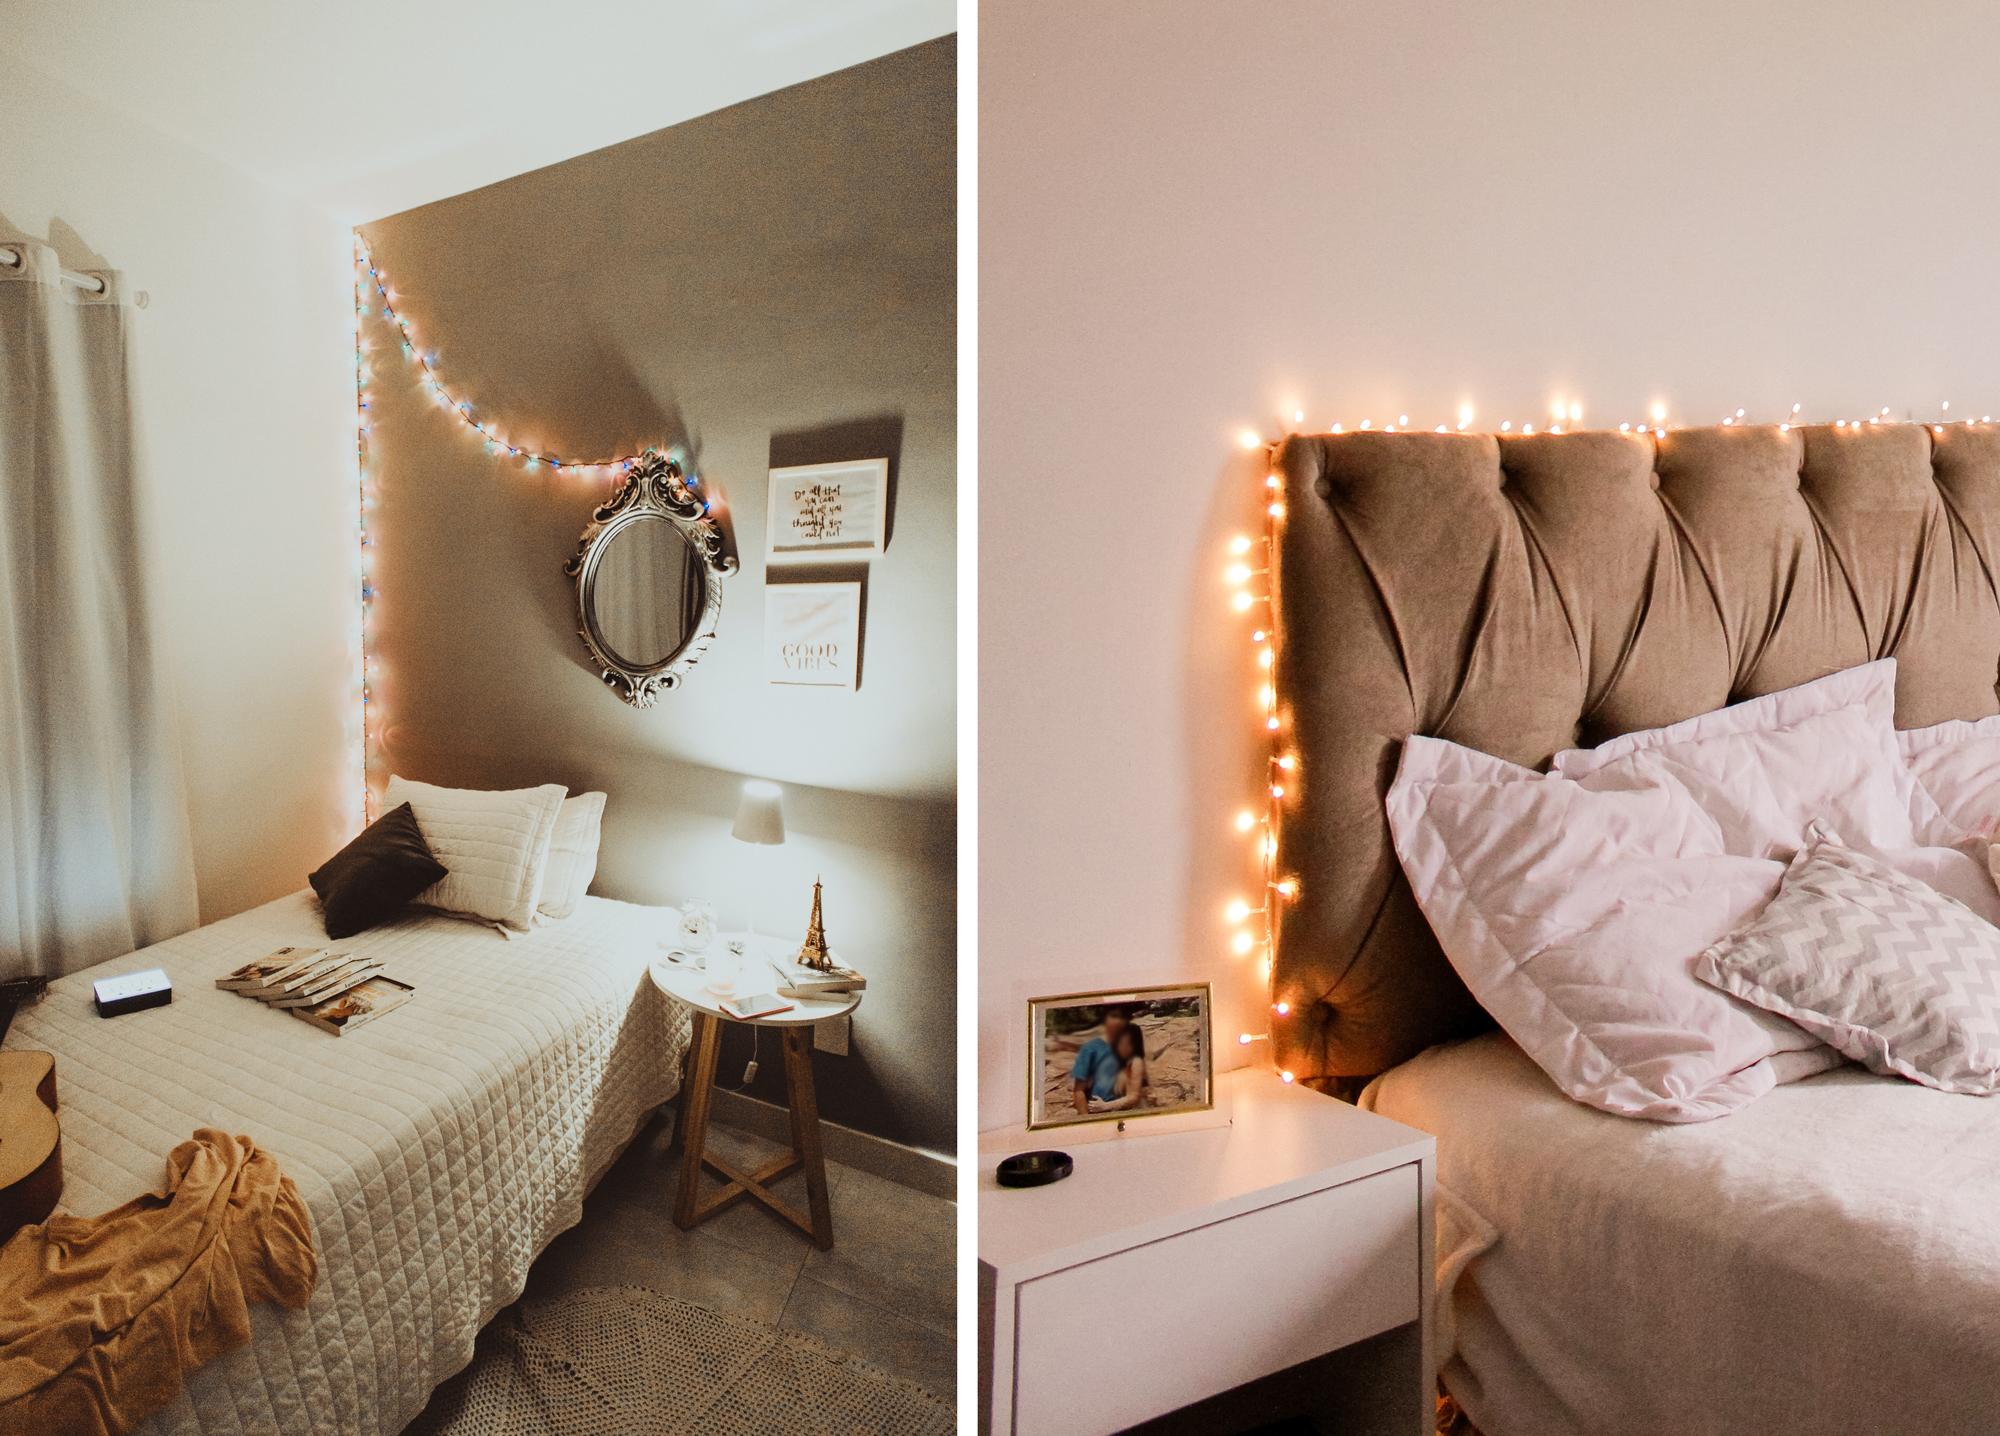 Lumières et guirlandes dans la chambre : effet cosy et lampes tamisées